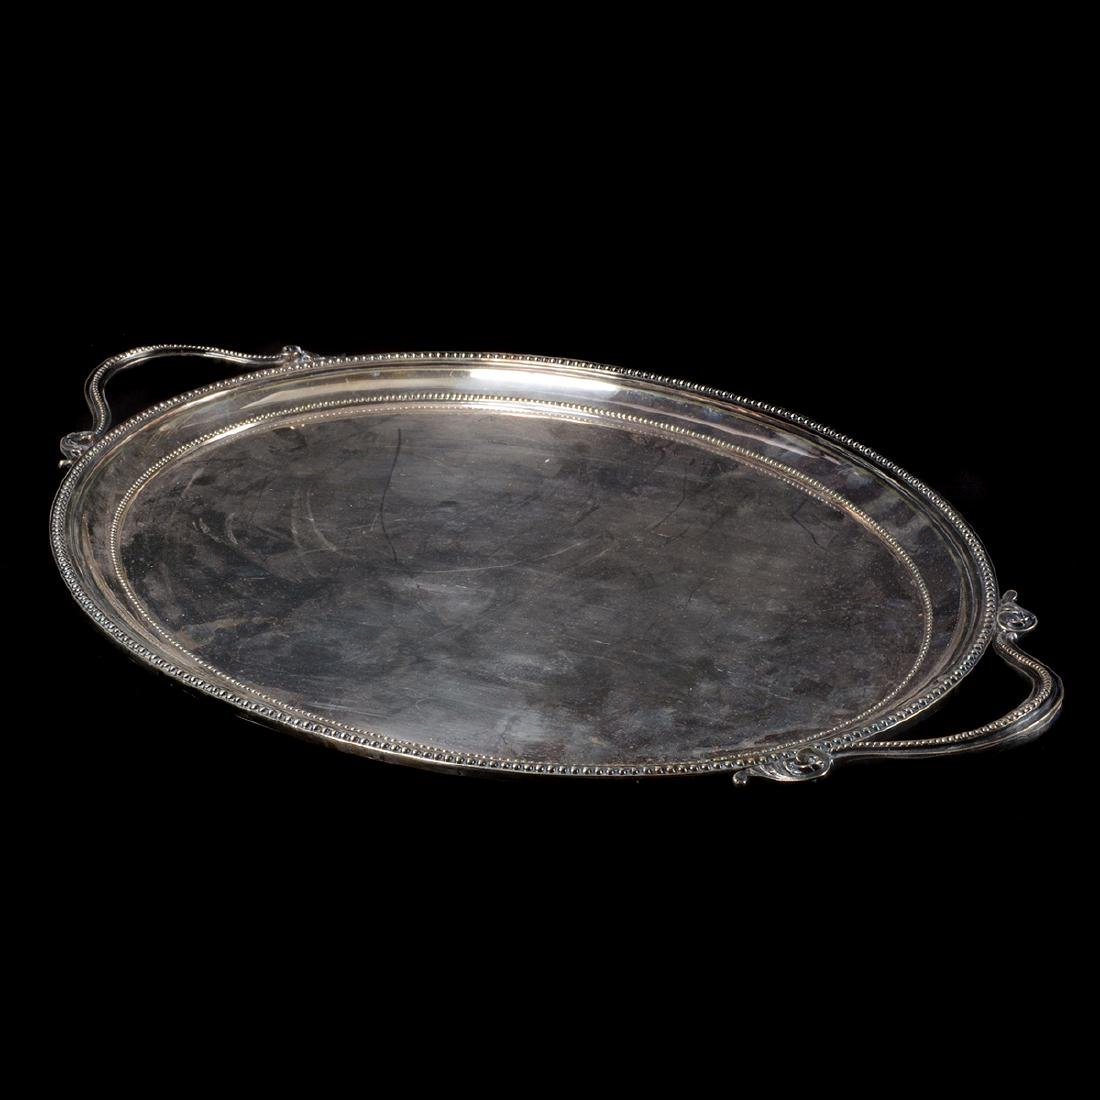 Silverplate Six-PieceTea Service-Prince's Plate - 2